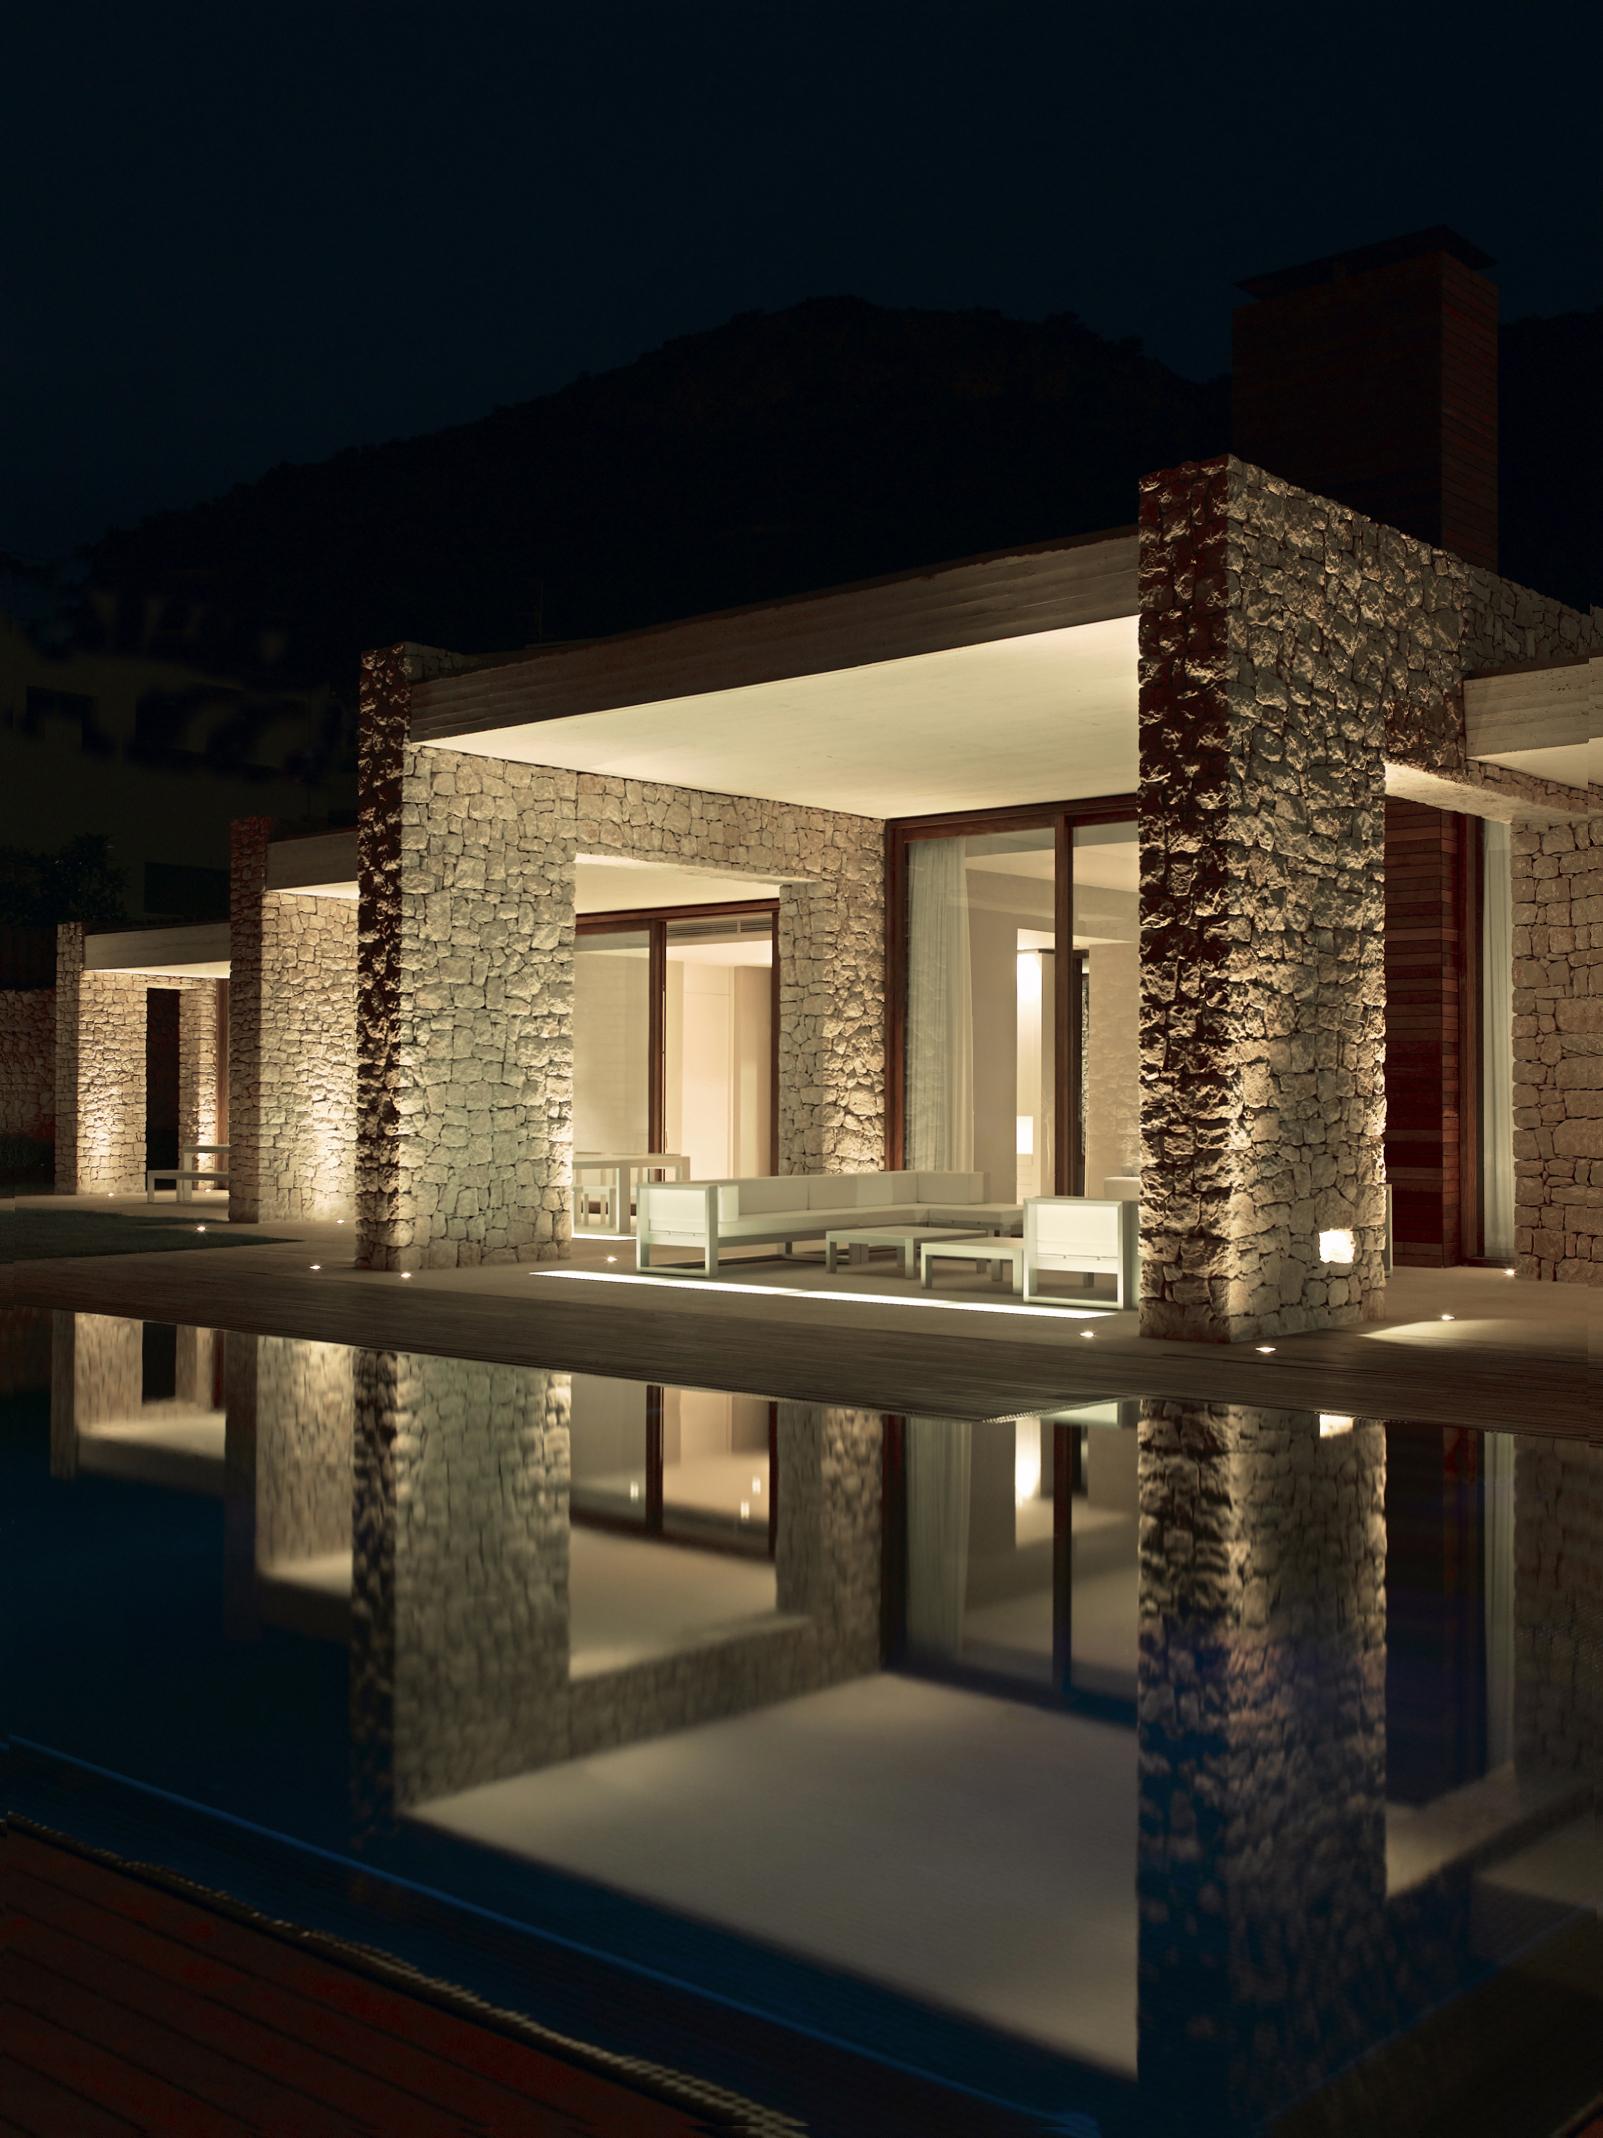 Casas de ensue o una vivienda de dise o romano en el Iluminacion decorativa para exteriores